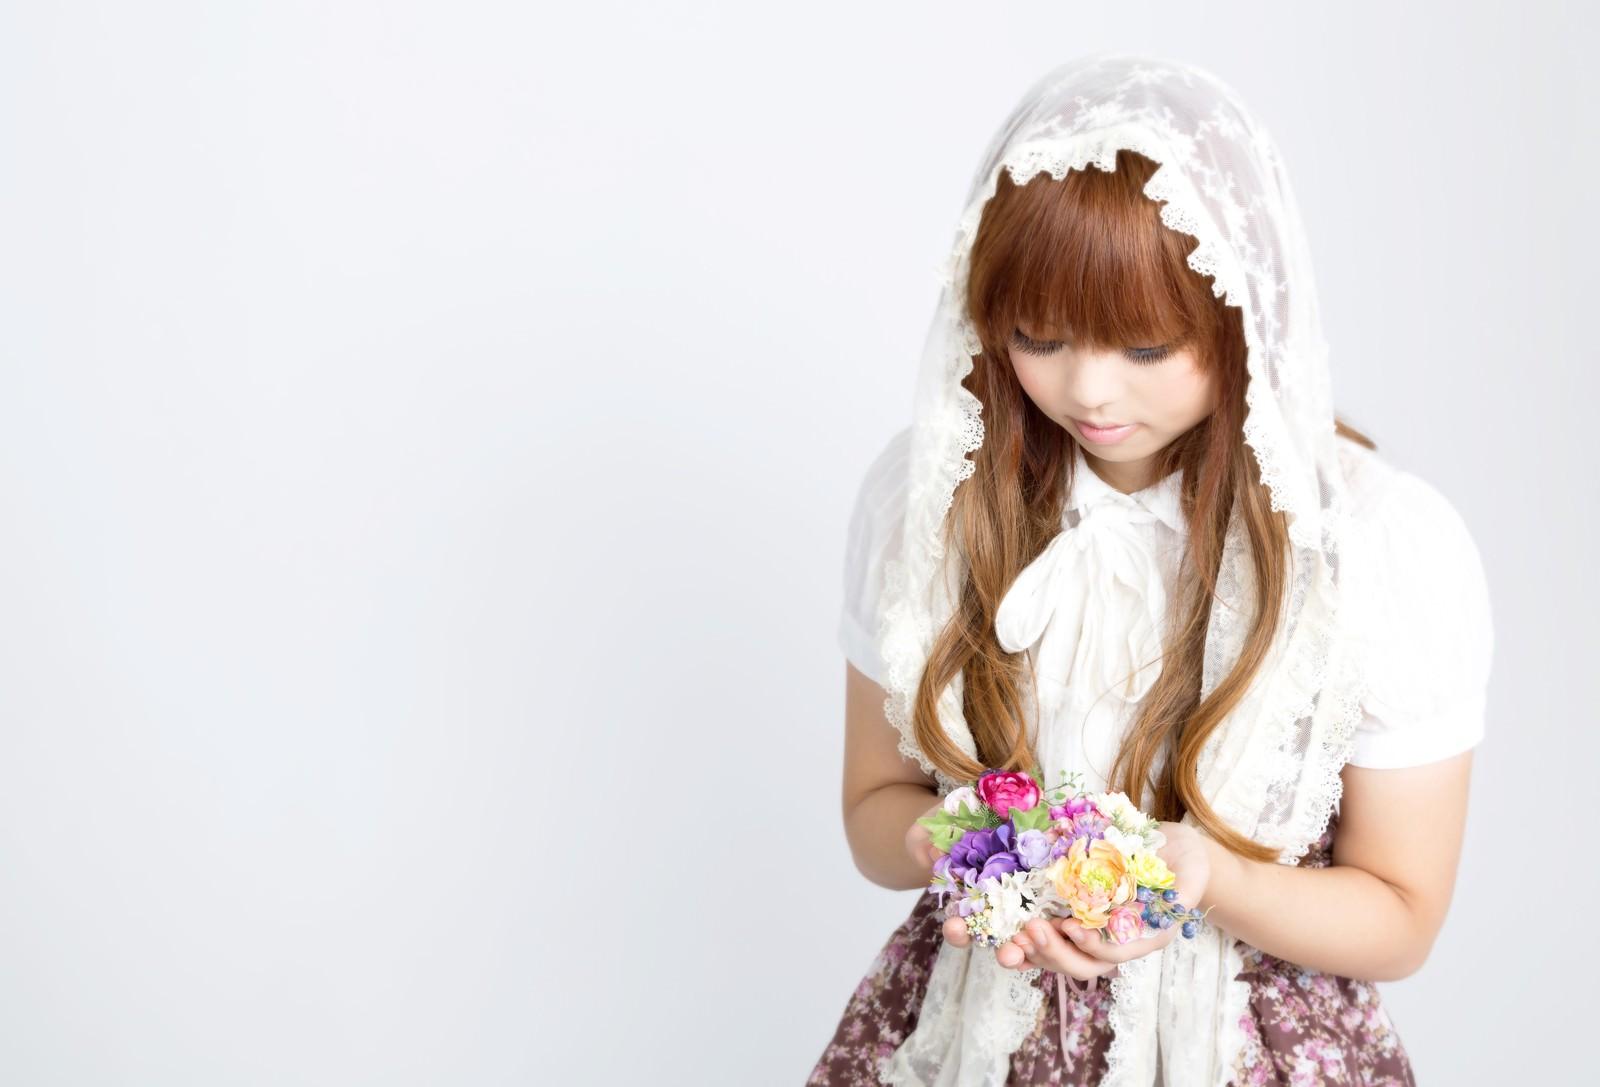 「花のアクセサリーを両手いっぱいに持つゆるふわな女の子花のアクセサリーを両手いっぱいに持つゆるふわな女の子」[モデル:あみ]のフリー写真素材を拡大